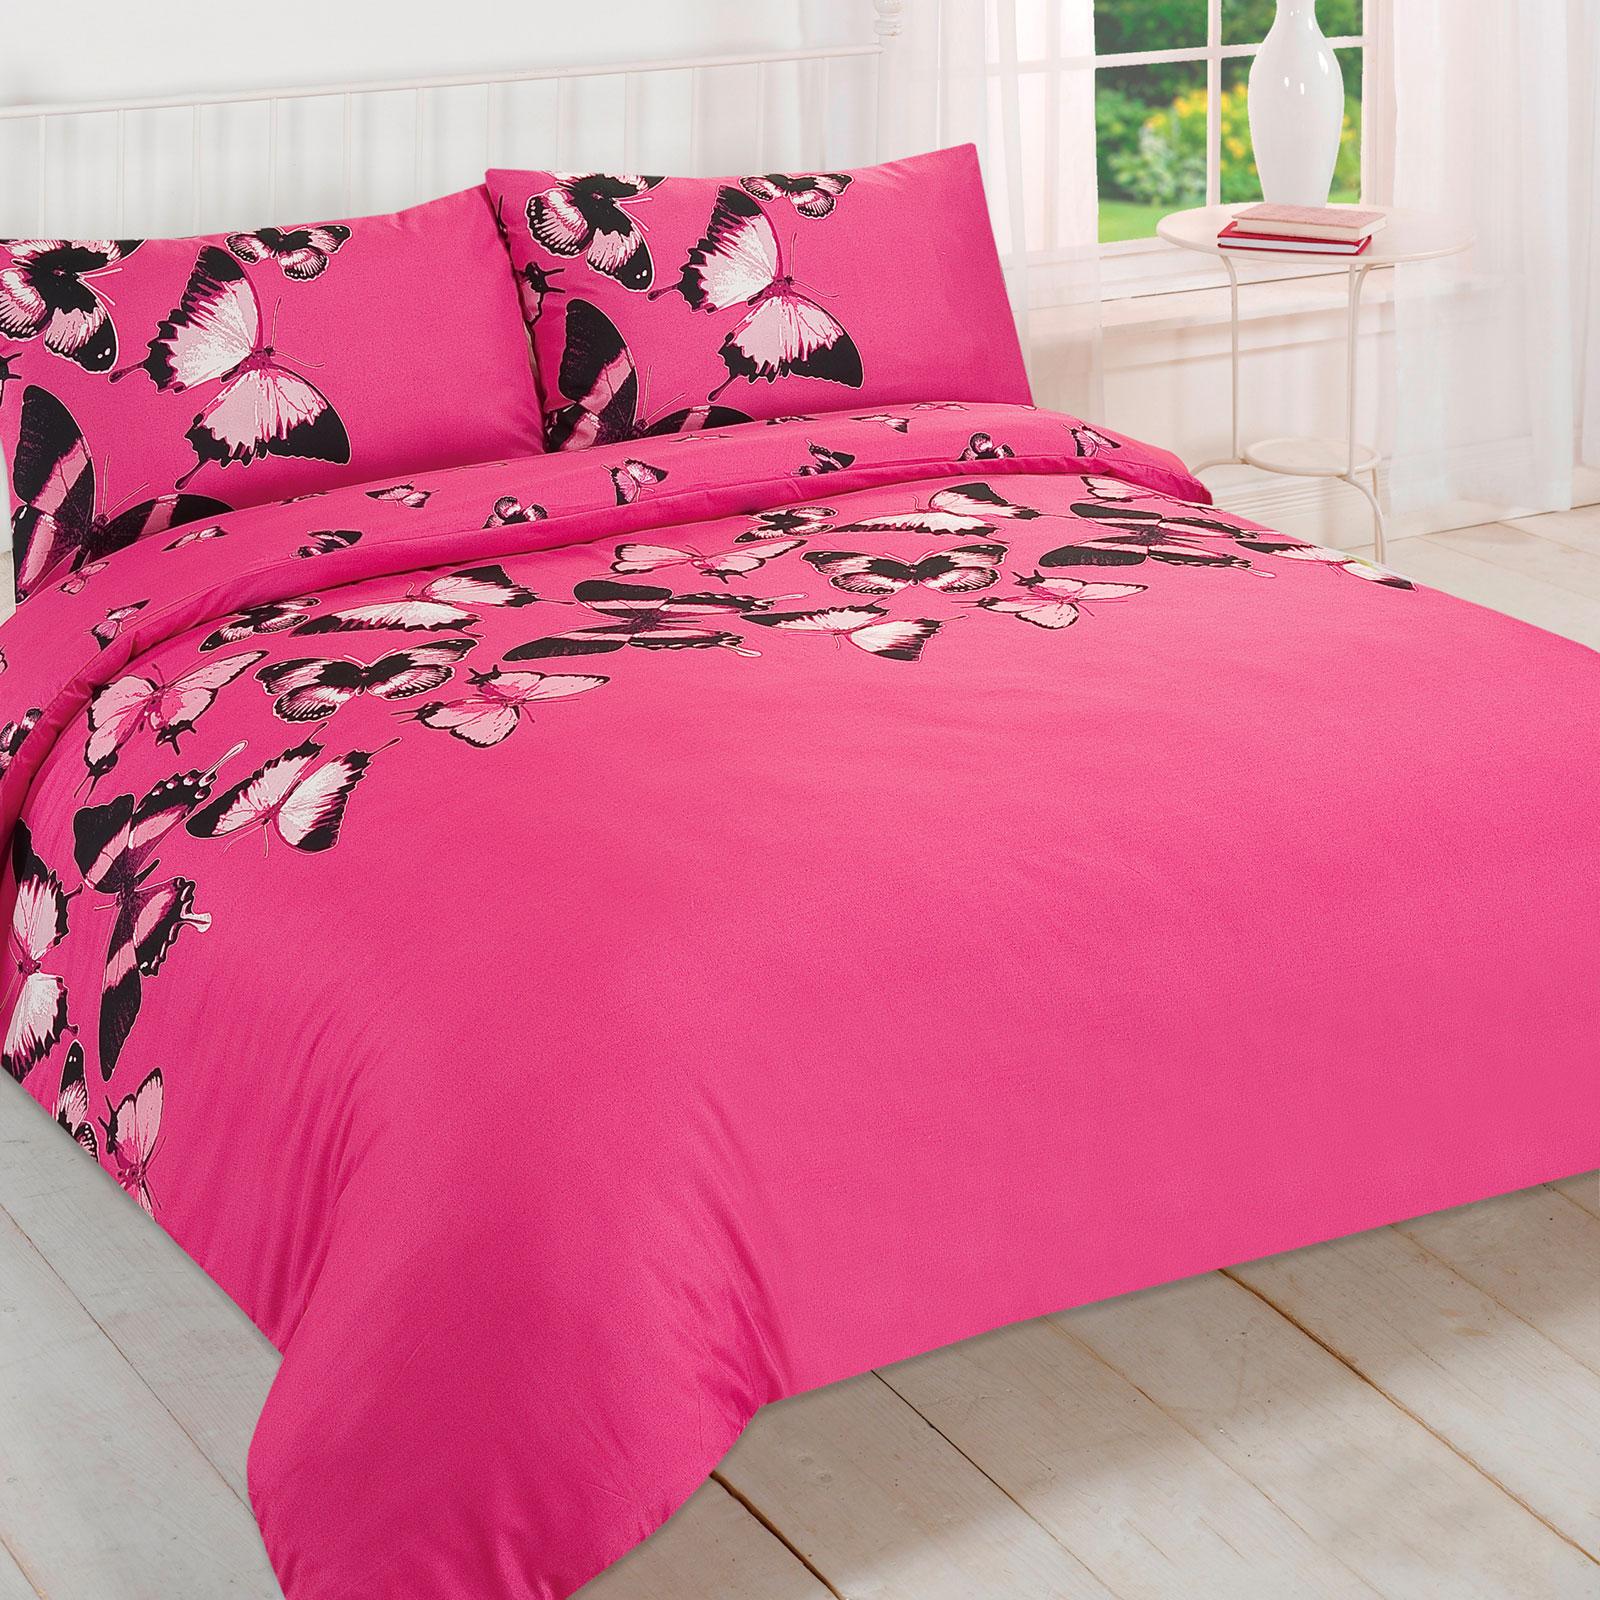 Pretty-Butterfly-Duvet-Cover-Reversible-Bedding-Set-For-